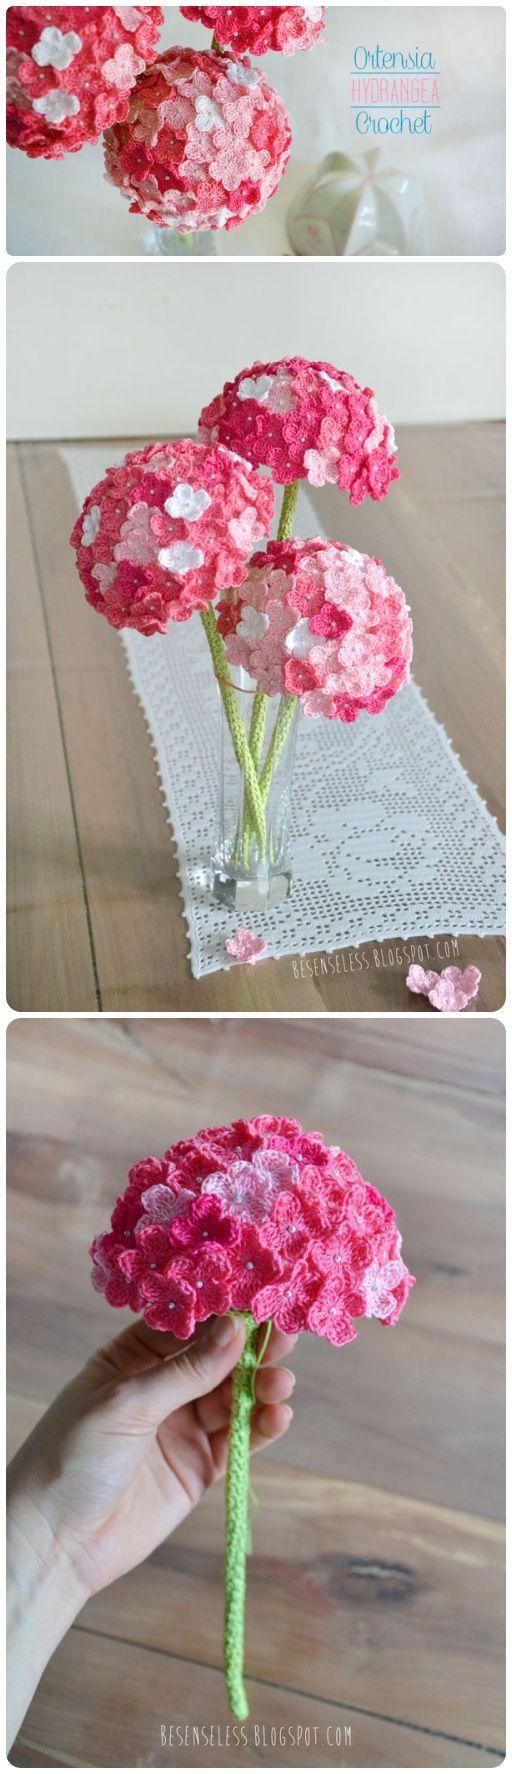 Crochet Hydrangea Flower with Free Pattern | Häkeln, Handarbeiten ...